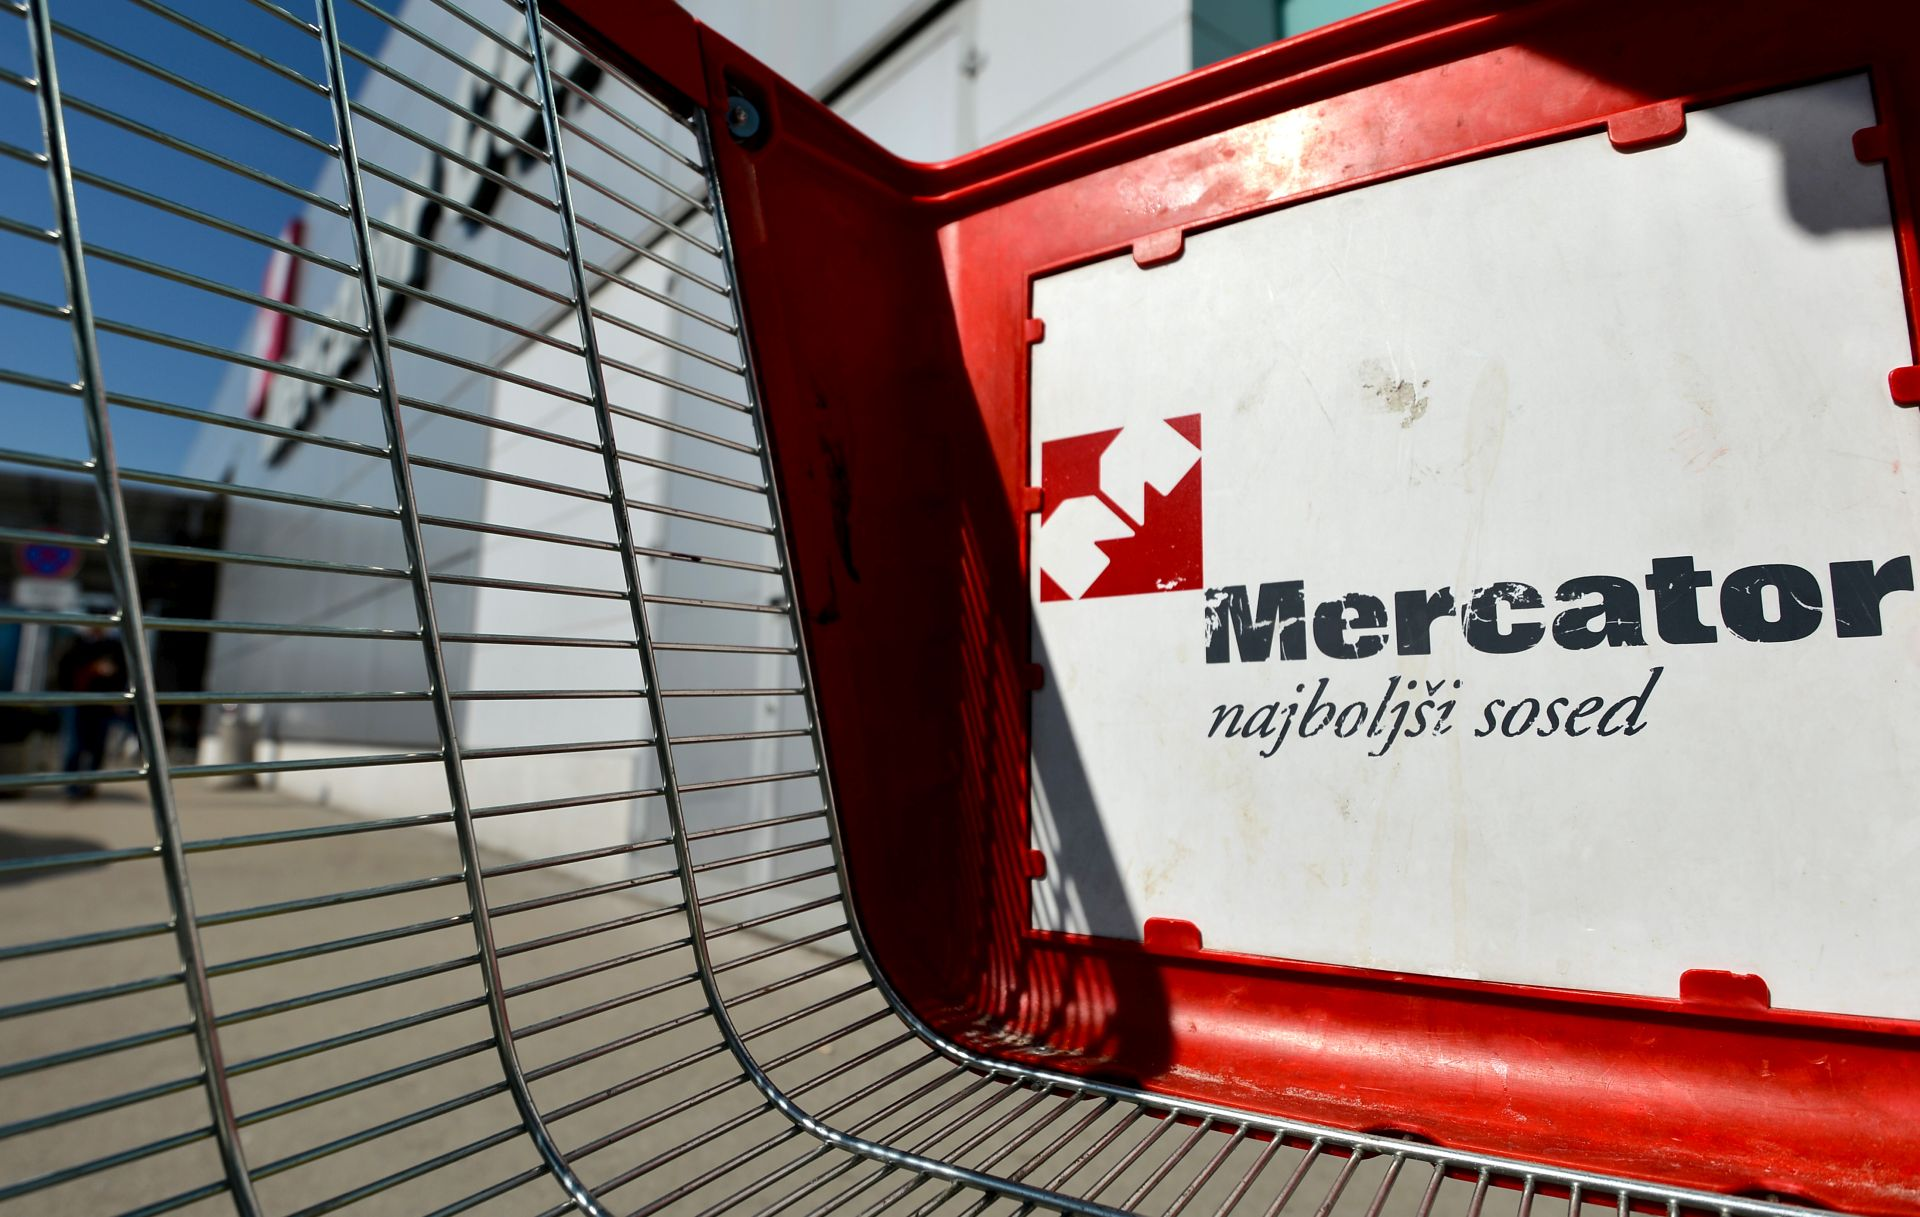 Mercator u 2018. planira 2,4 milijarde eura prihoda od prodaje